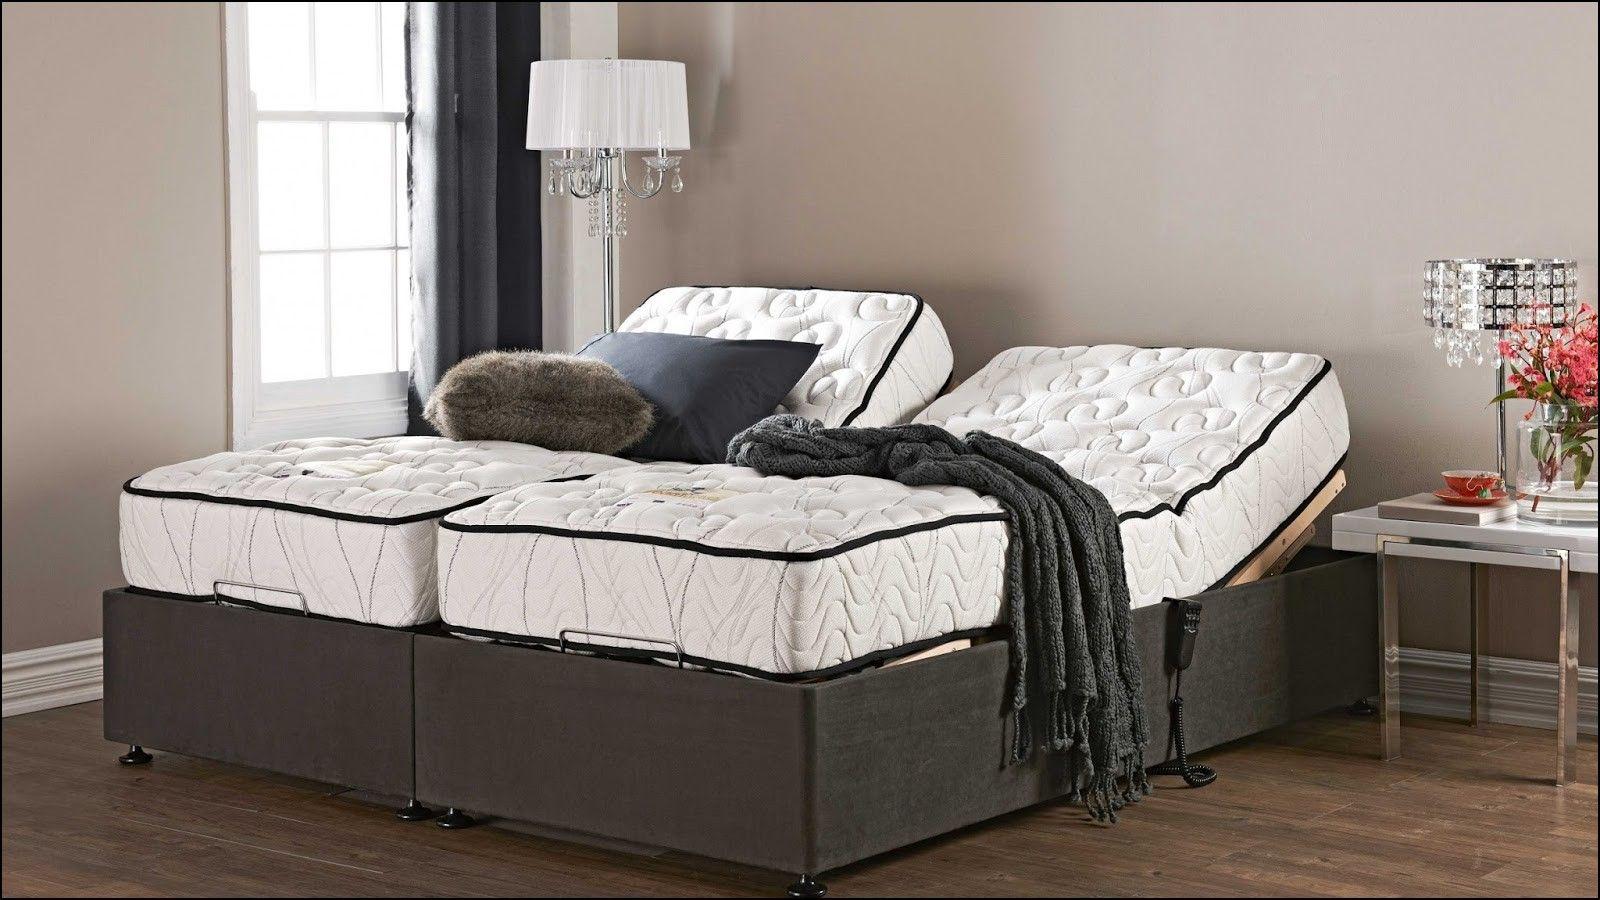 King Size Bed Split Mattress | Mattress Ideas | Pinterest